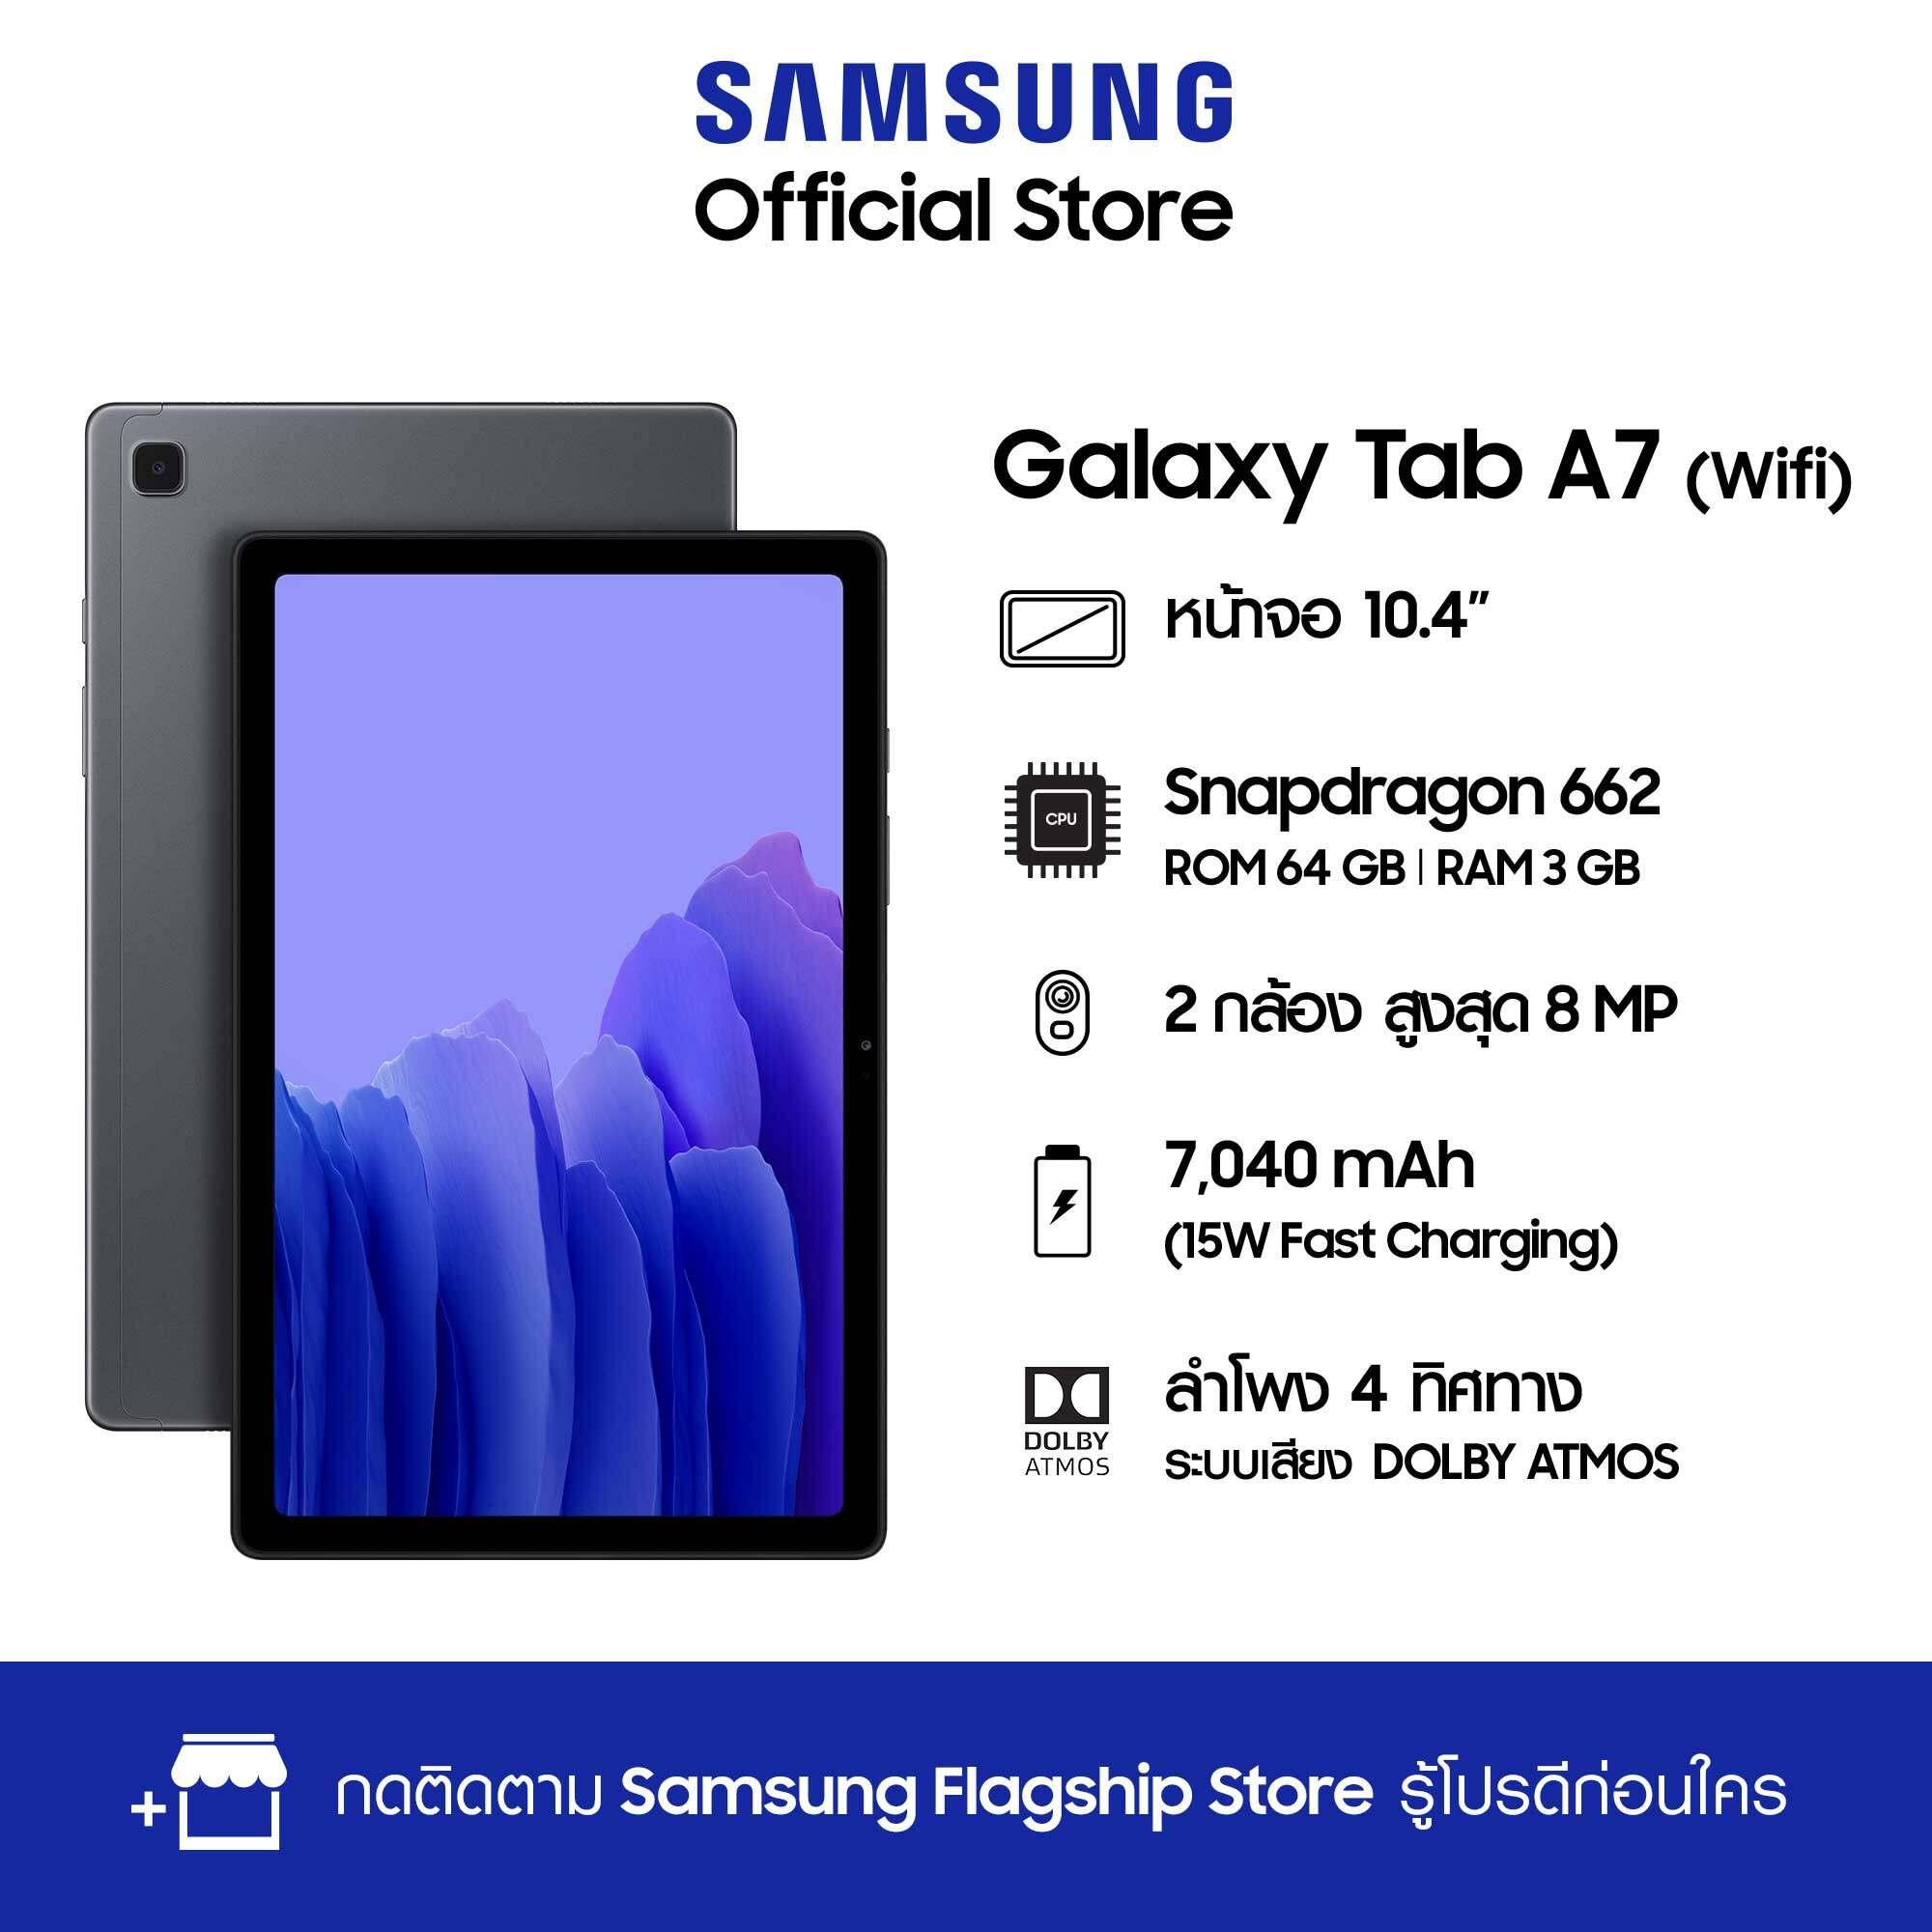 Samsung Galaxy Tab A7 Wi-Fi (3/64 GB)